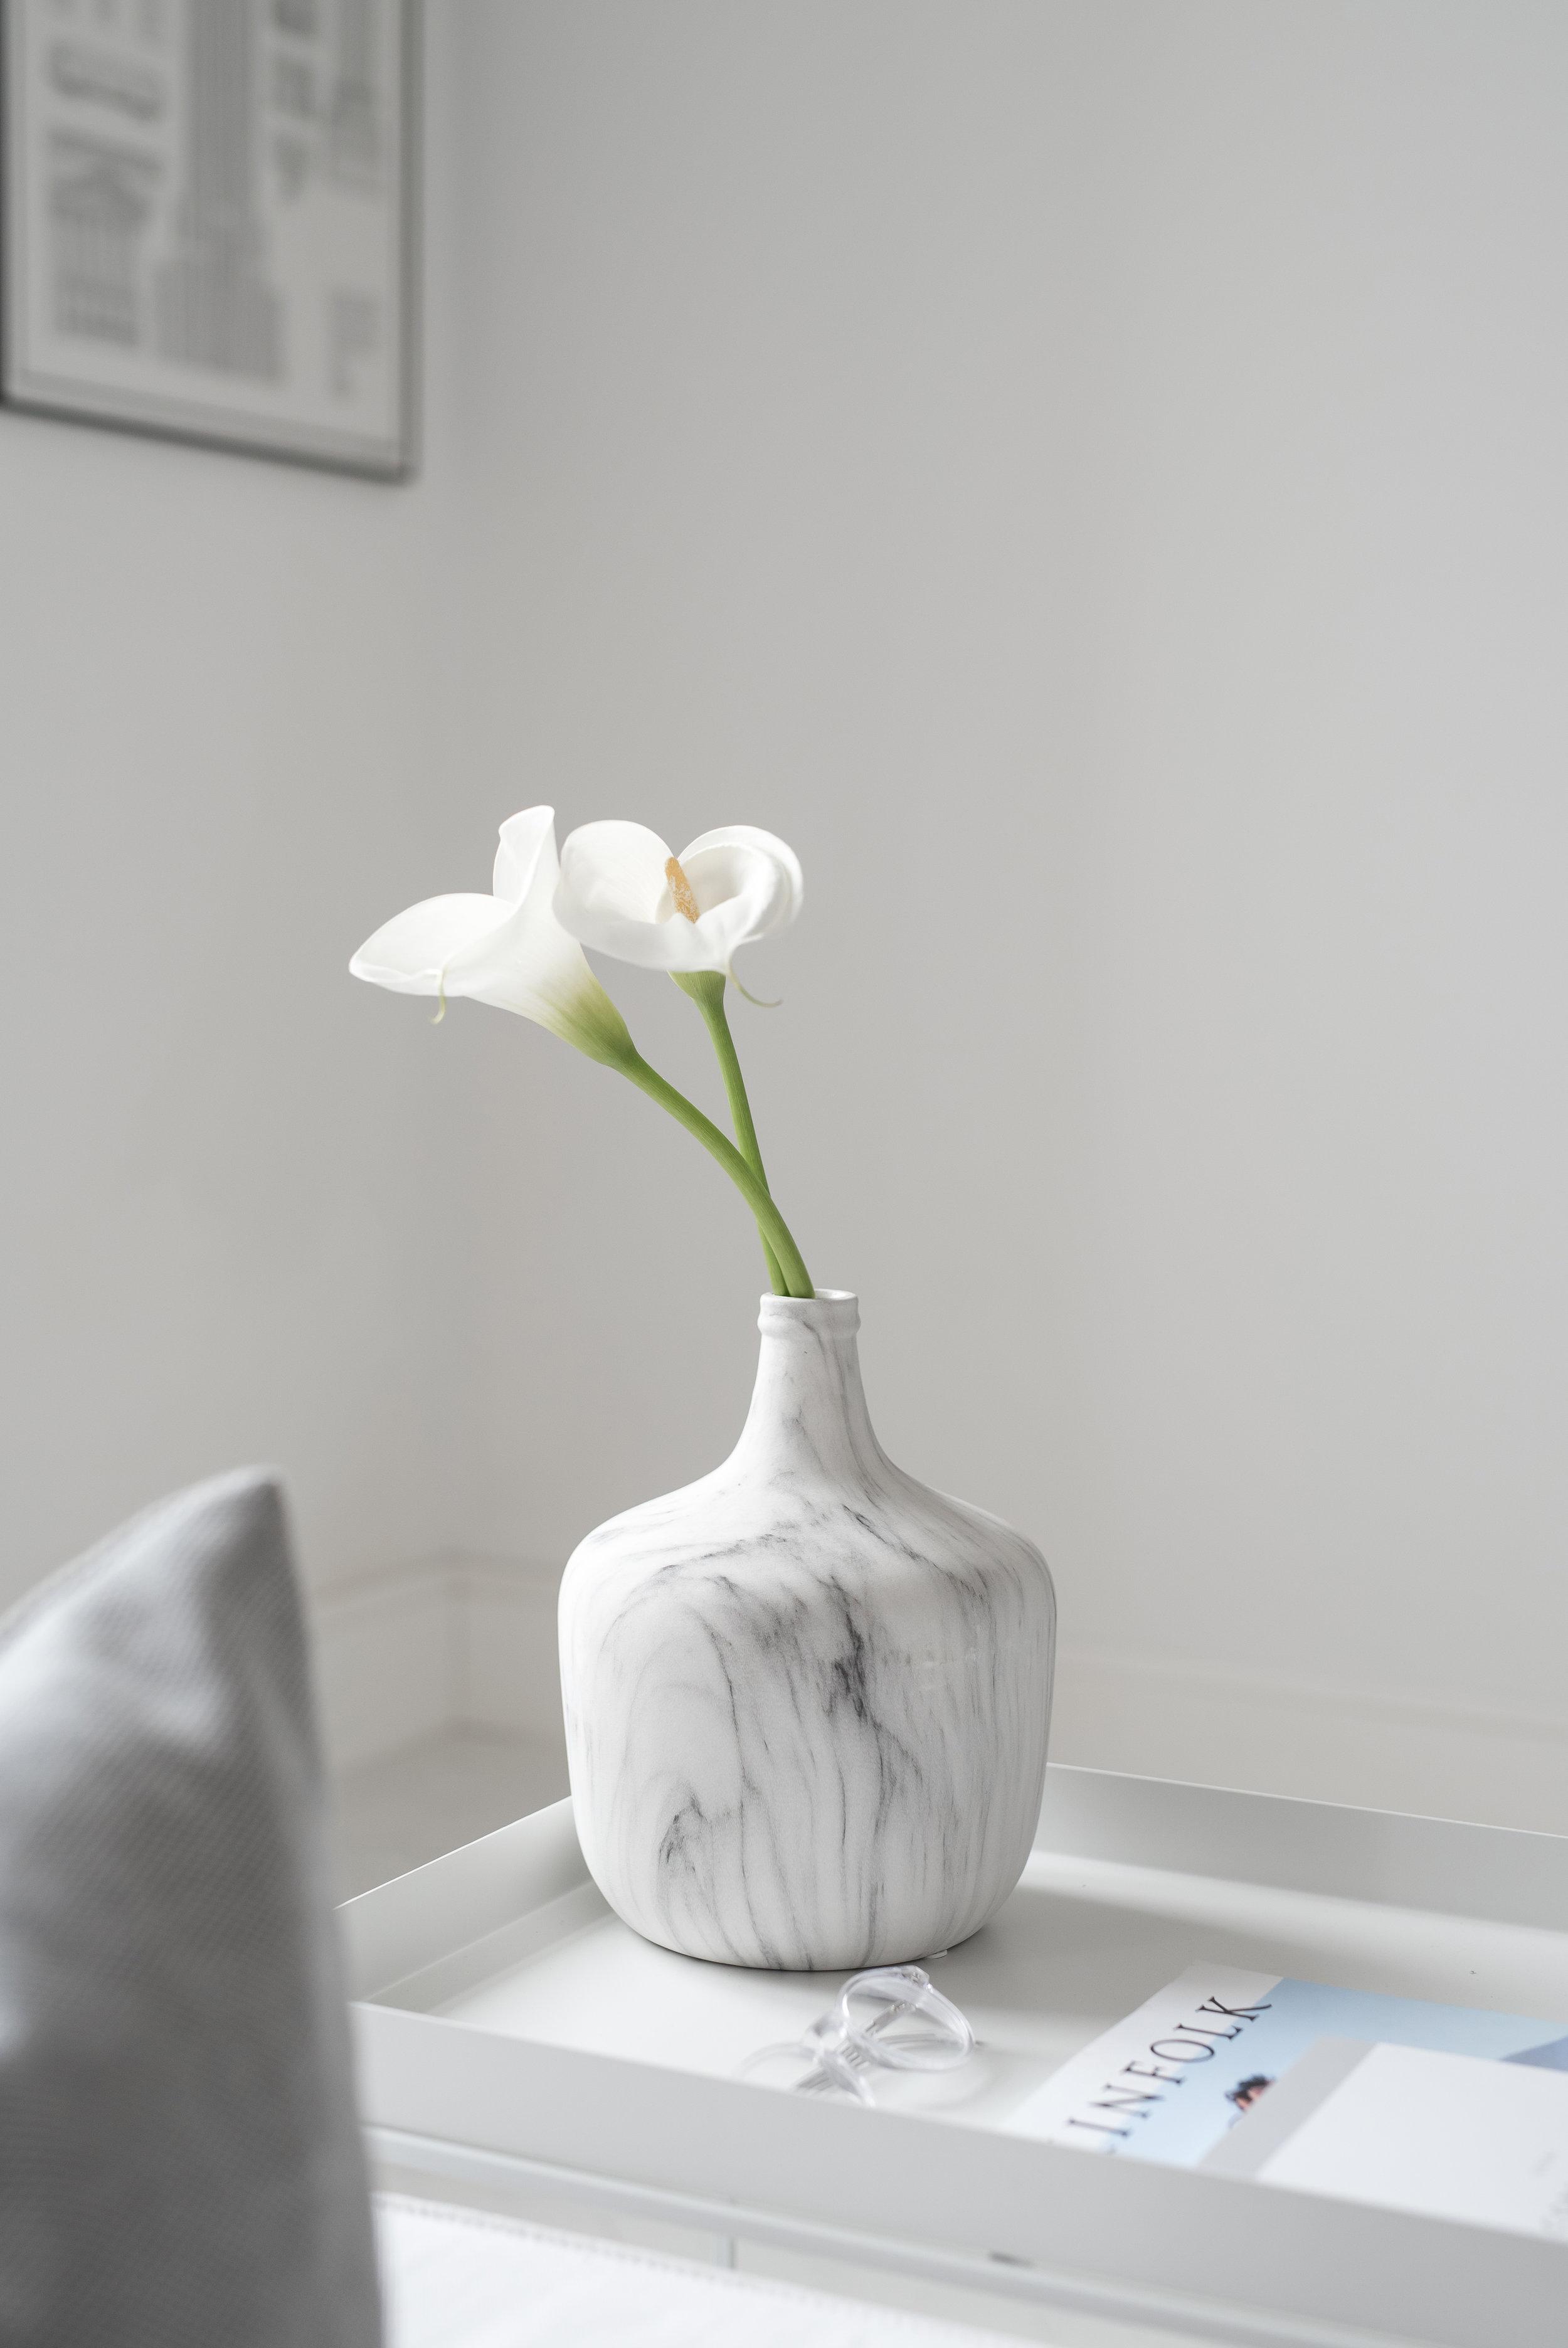 Marble Vase, Kinfolk, Cereal Guide, Eyebuydirect glasses